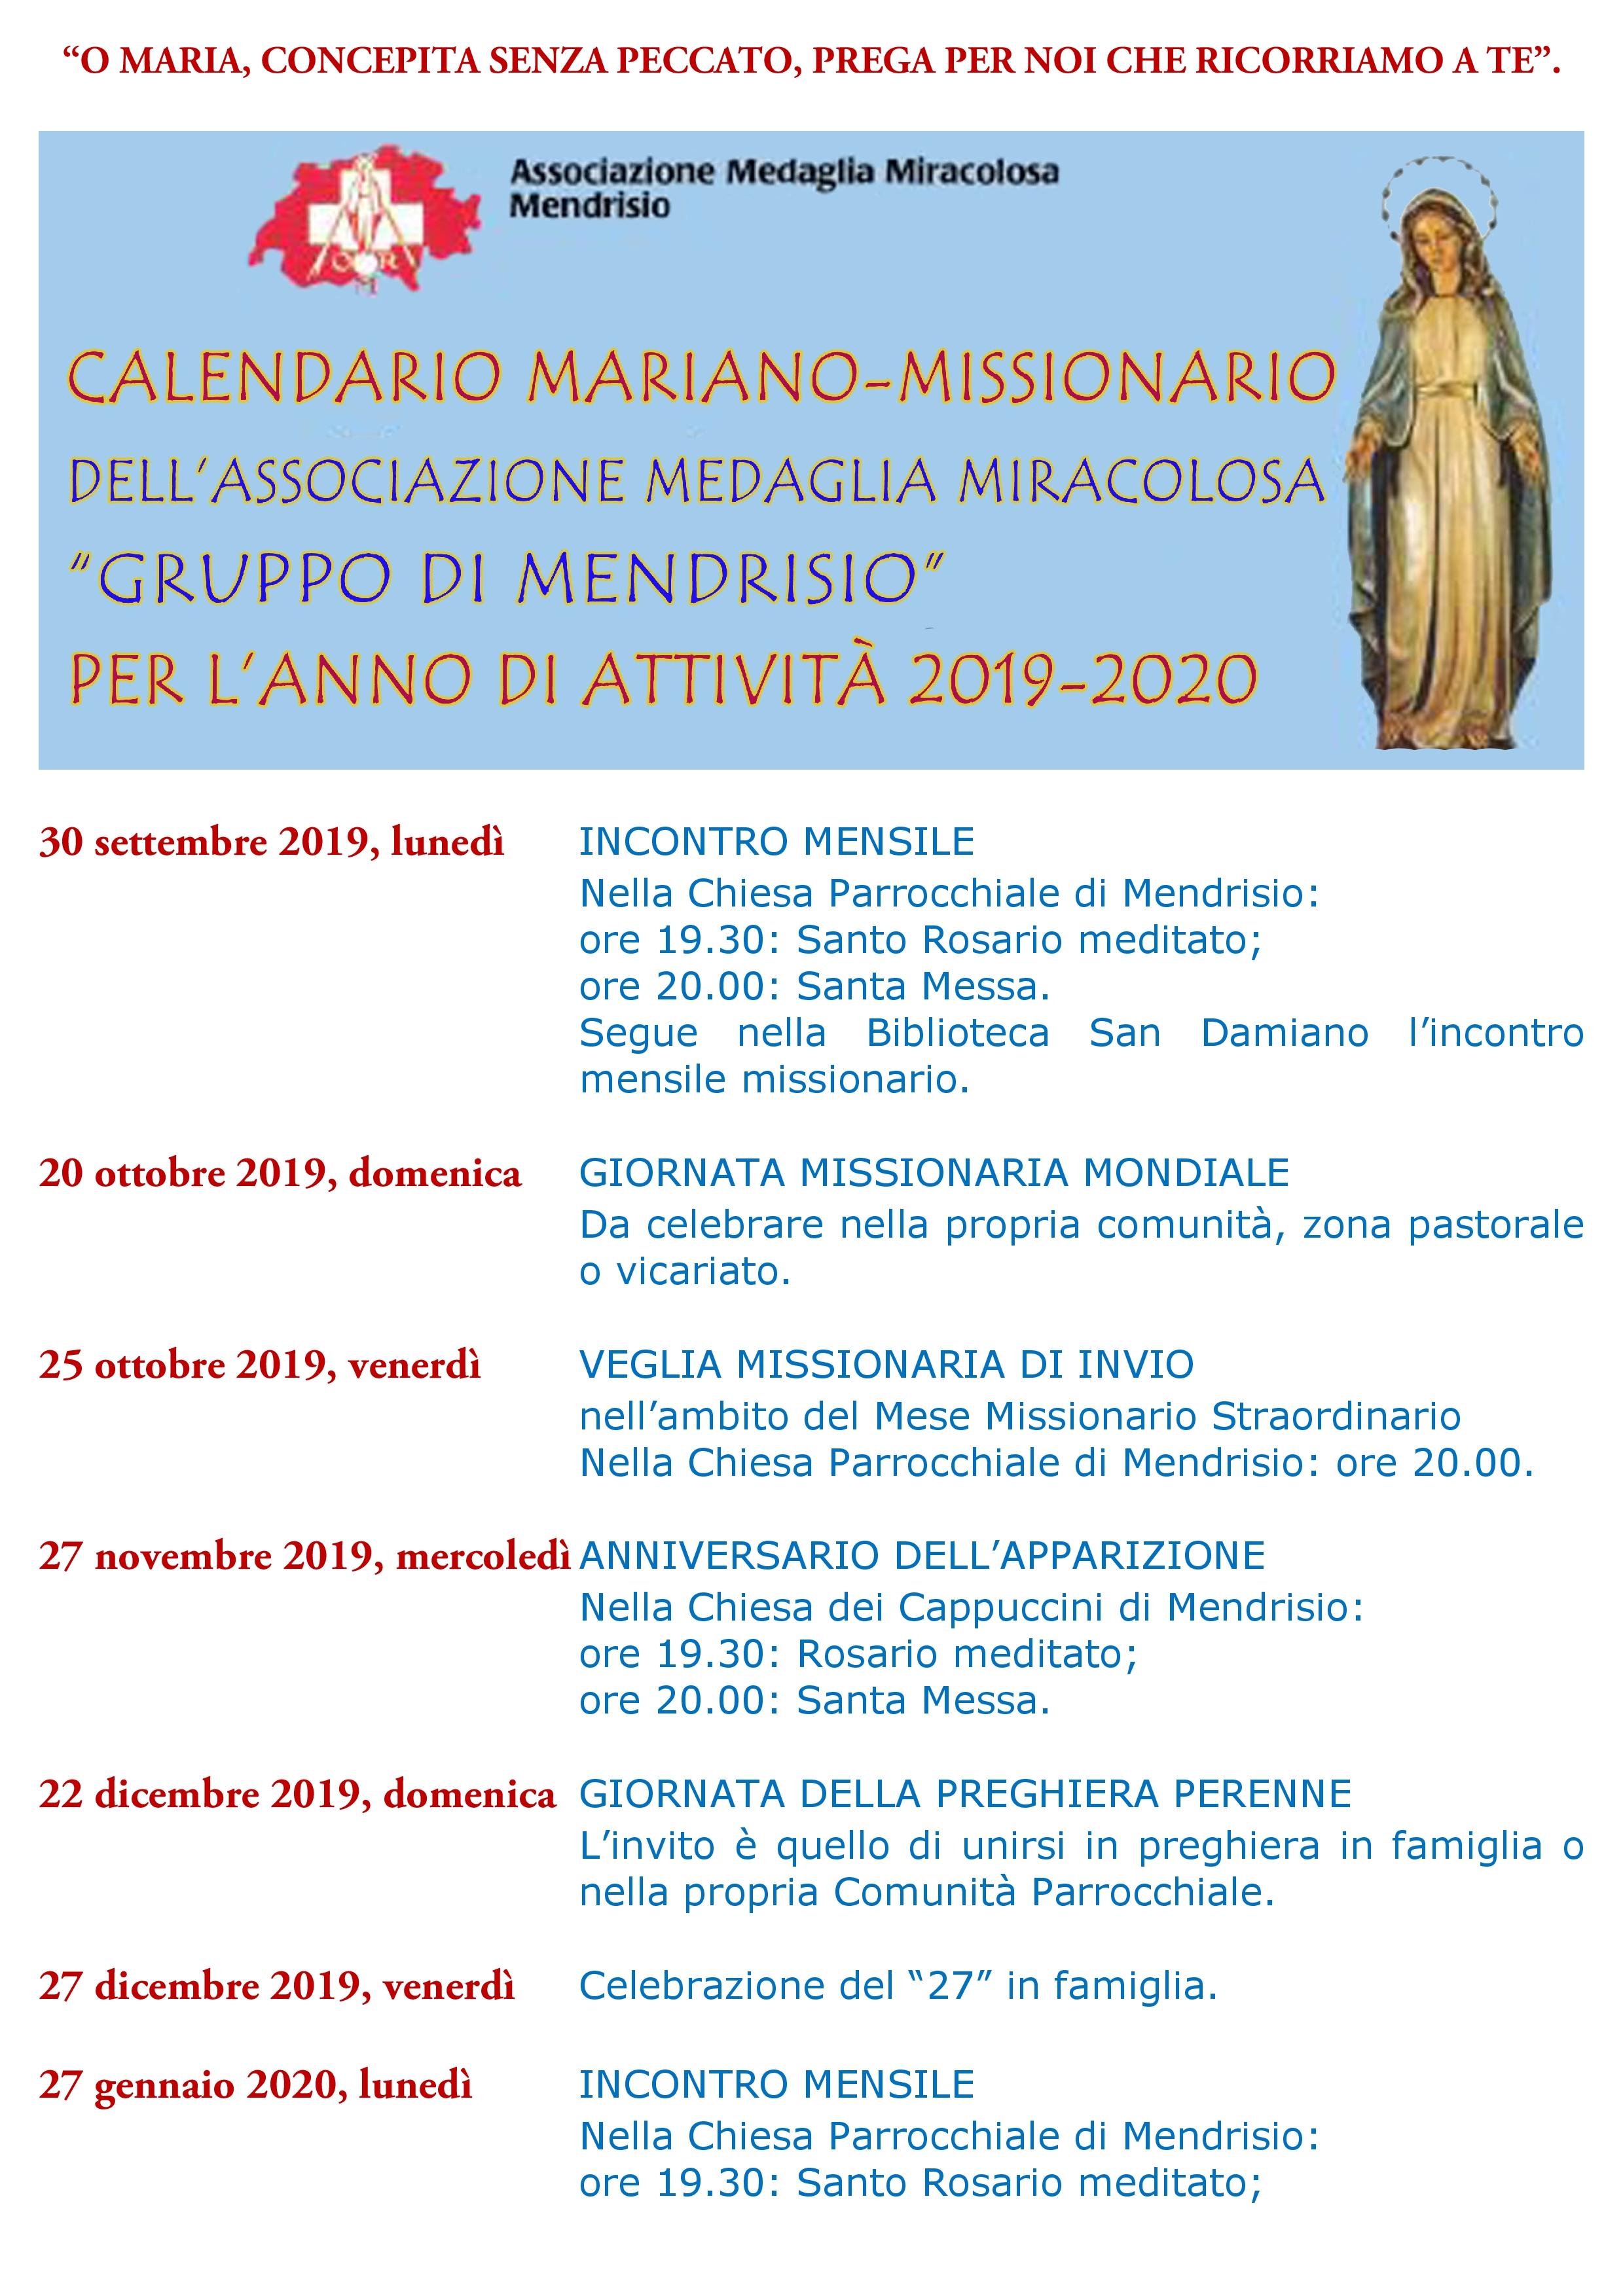 Calendario annuale 2019-2020-001